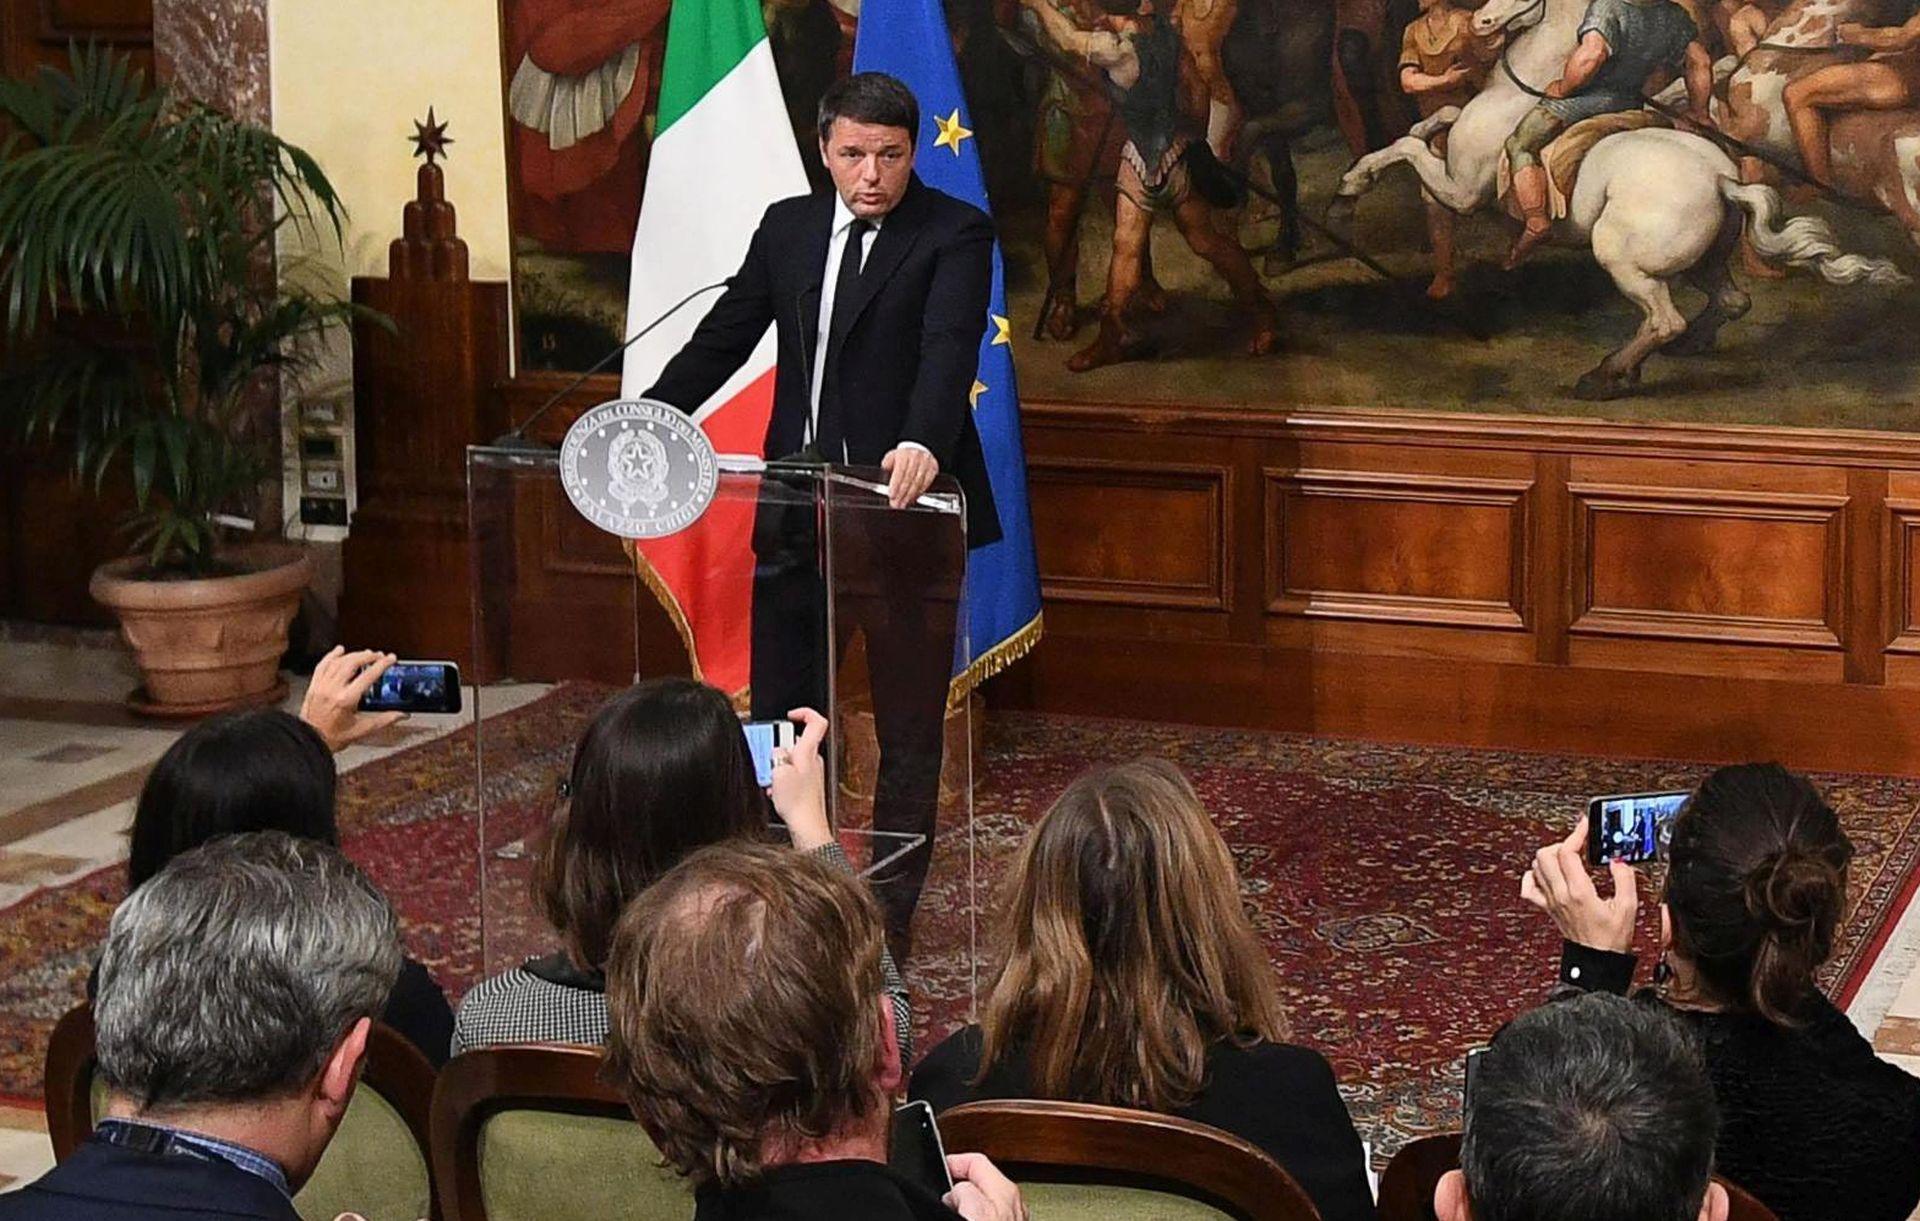 PORAZ NA REFERENDUMU: Renzi odlazi nakon što bude usvojen proračun za 2017.